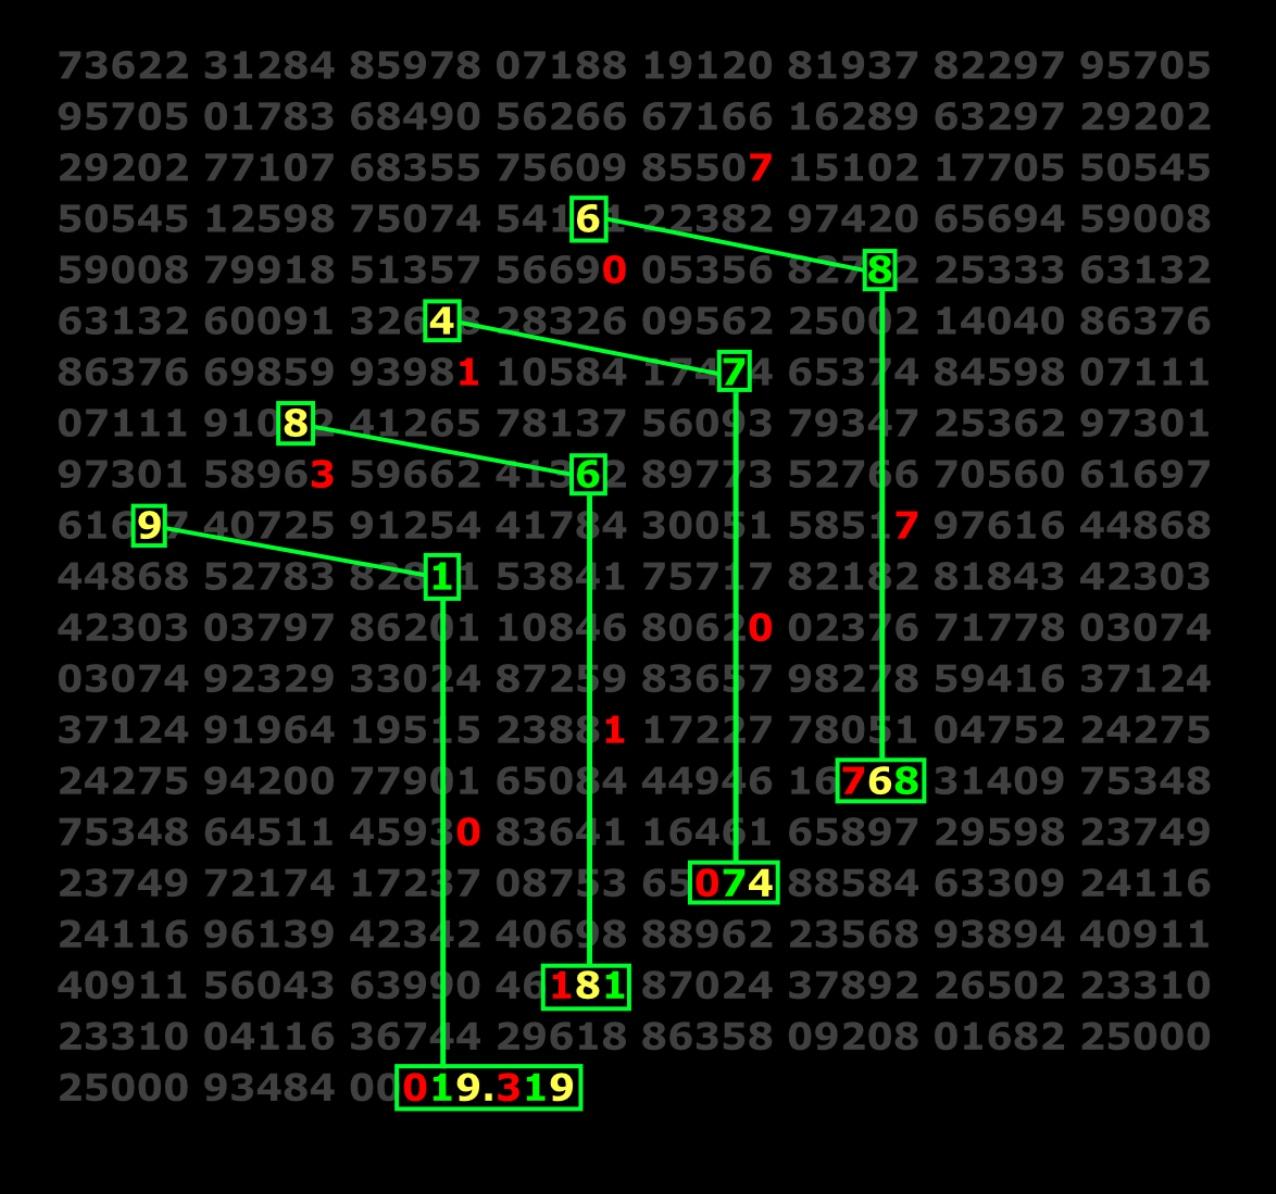 0E88D789-9317-4C98-8C21-A11354E2E3ED.jpeg